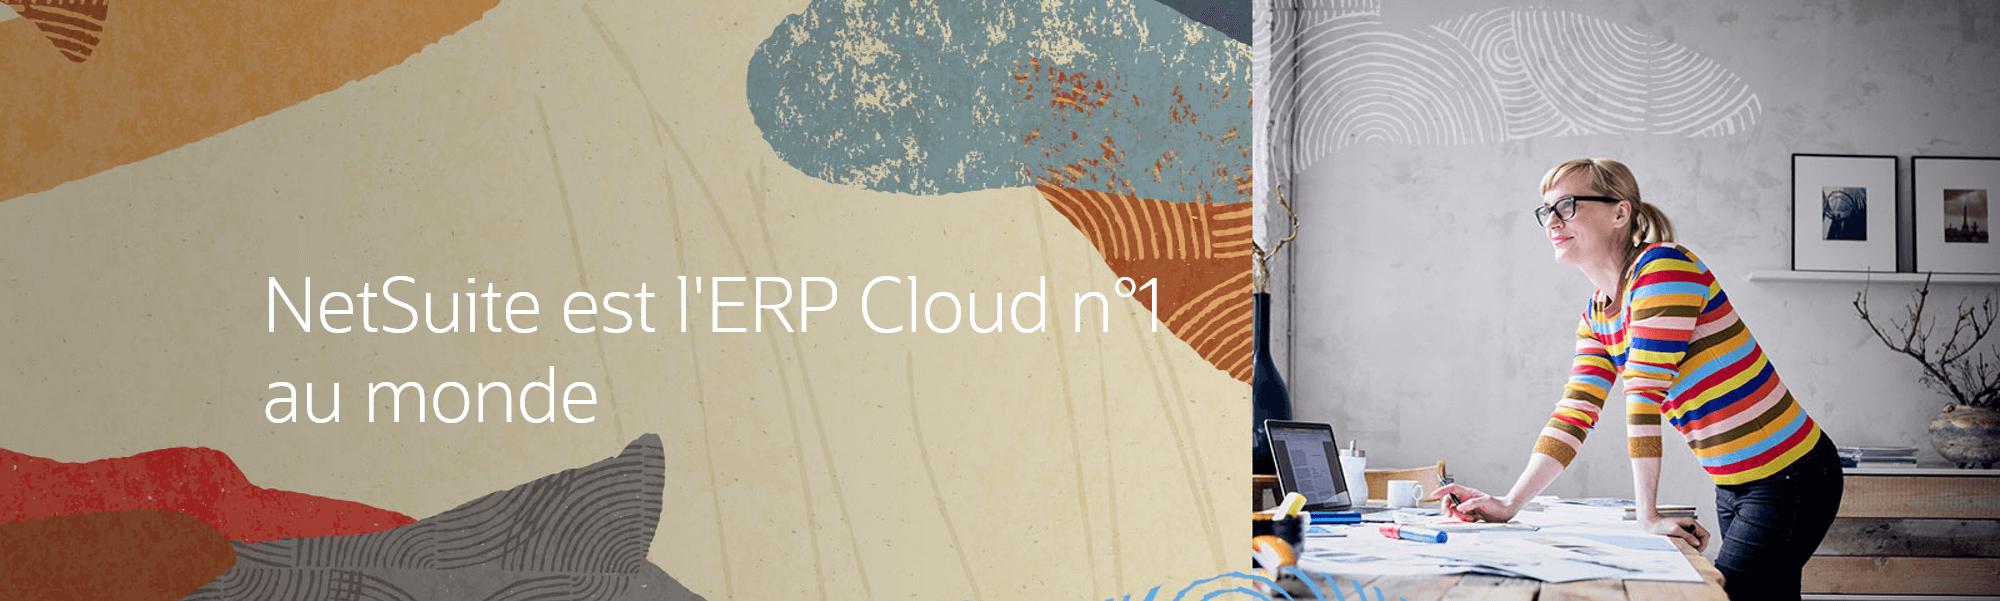 Avis NetSuite : L'ERP Cloud n°1 pour faciliter votre scalabilité - appvizer